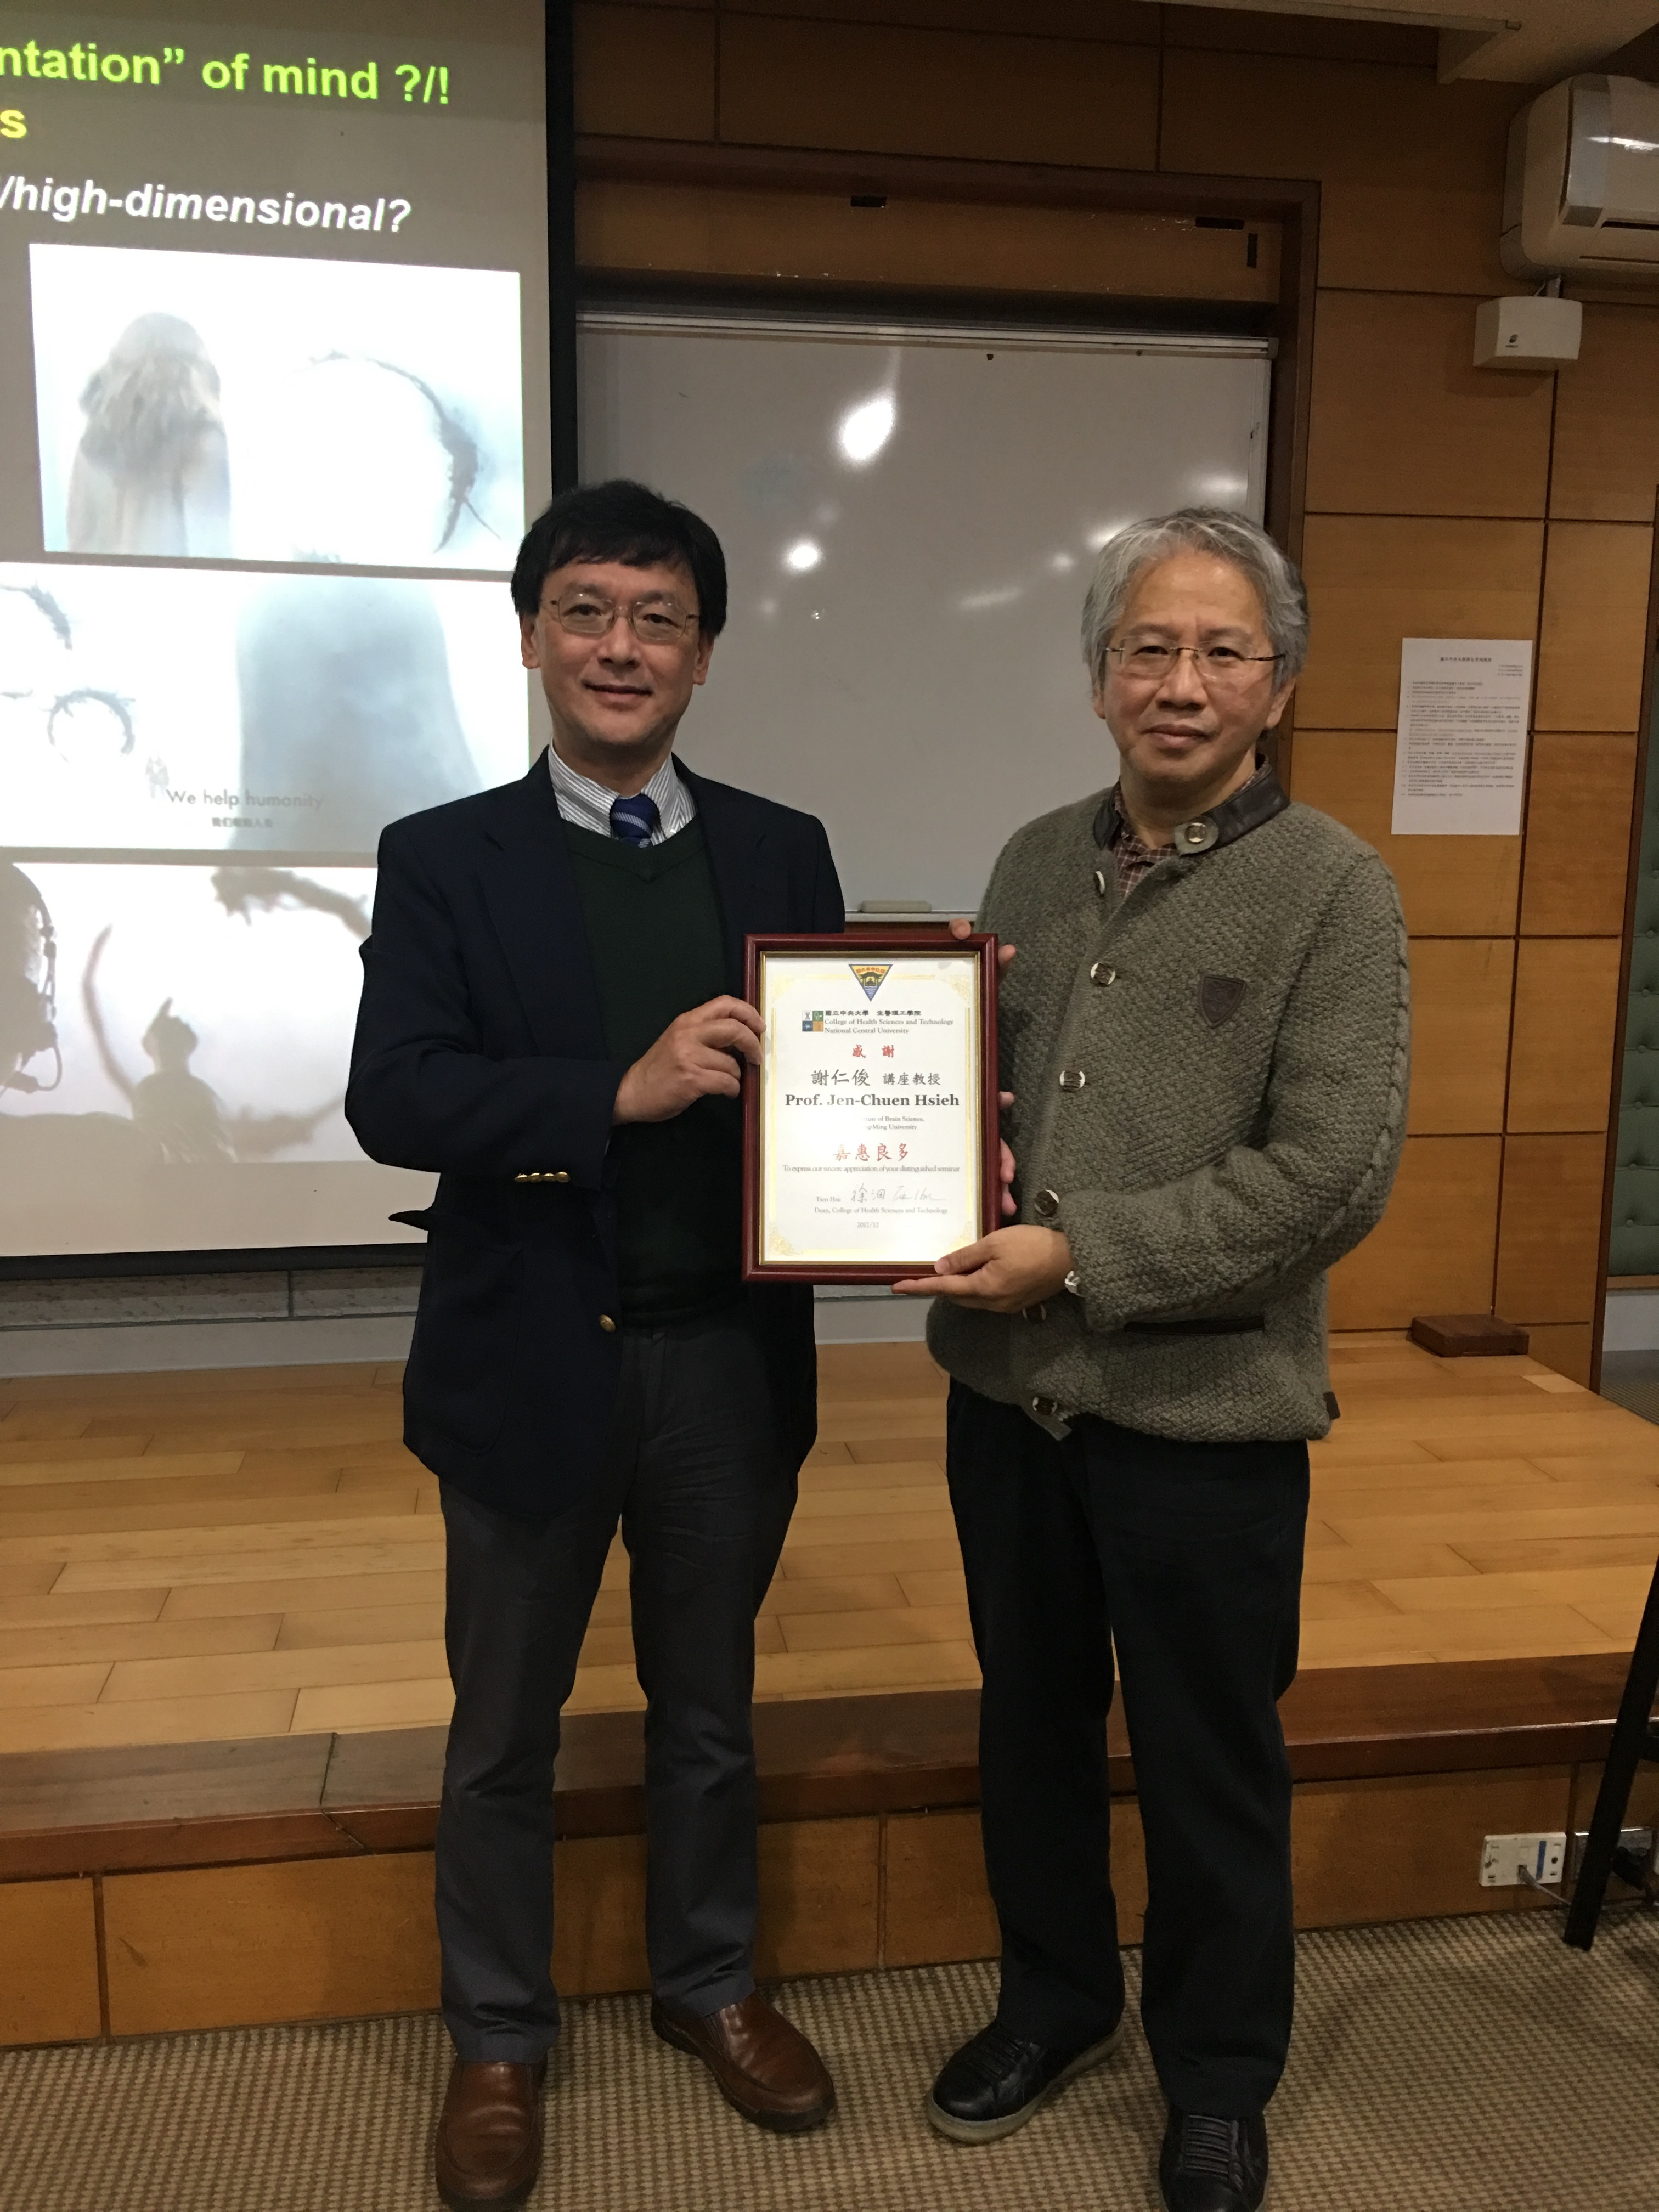 2017/12/12 謝仁俊講座教授演講照片